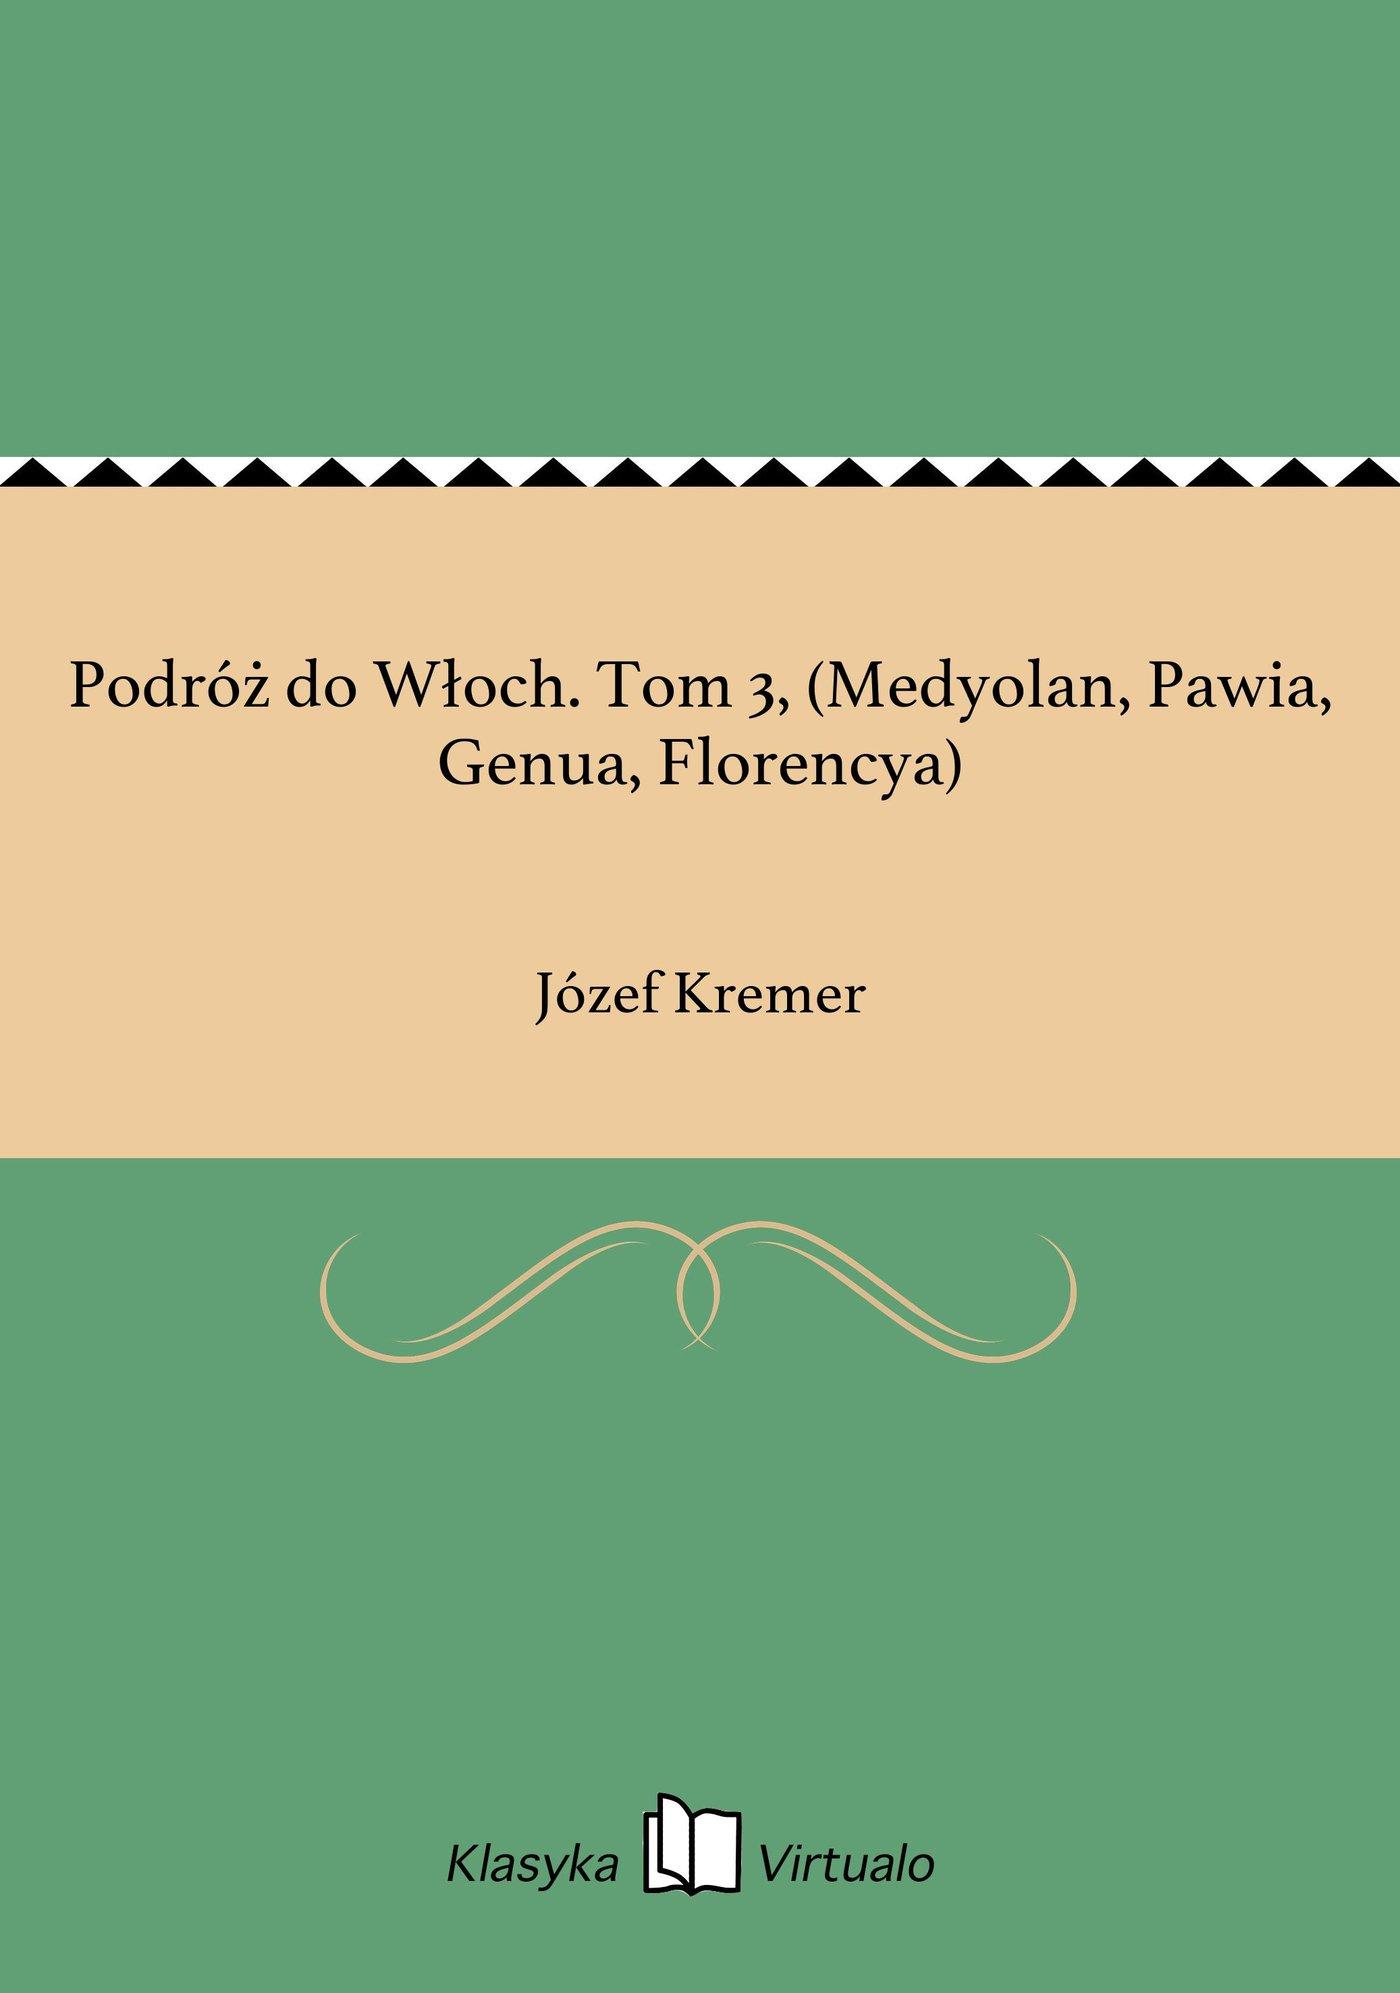 Podróż do Włoch. Tom 3, (Medyolan, Pawia, Genua, Florencya) - Ebook (Książka na Kindle) do pobrania w formacie MOBI